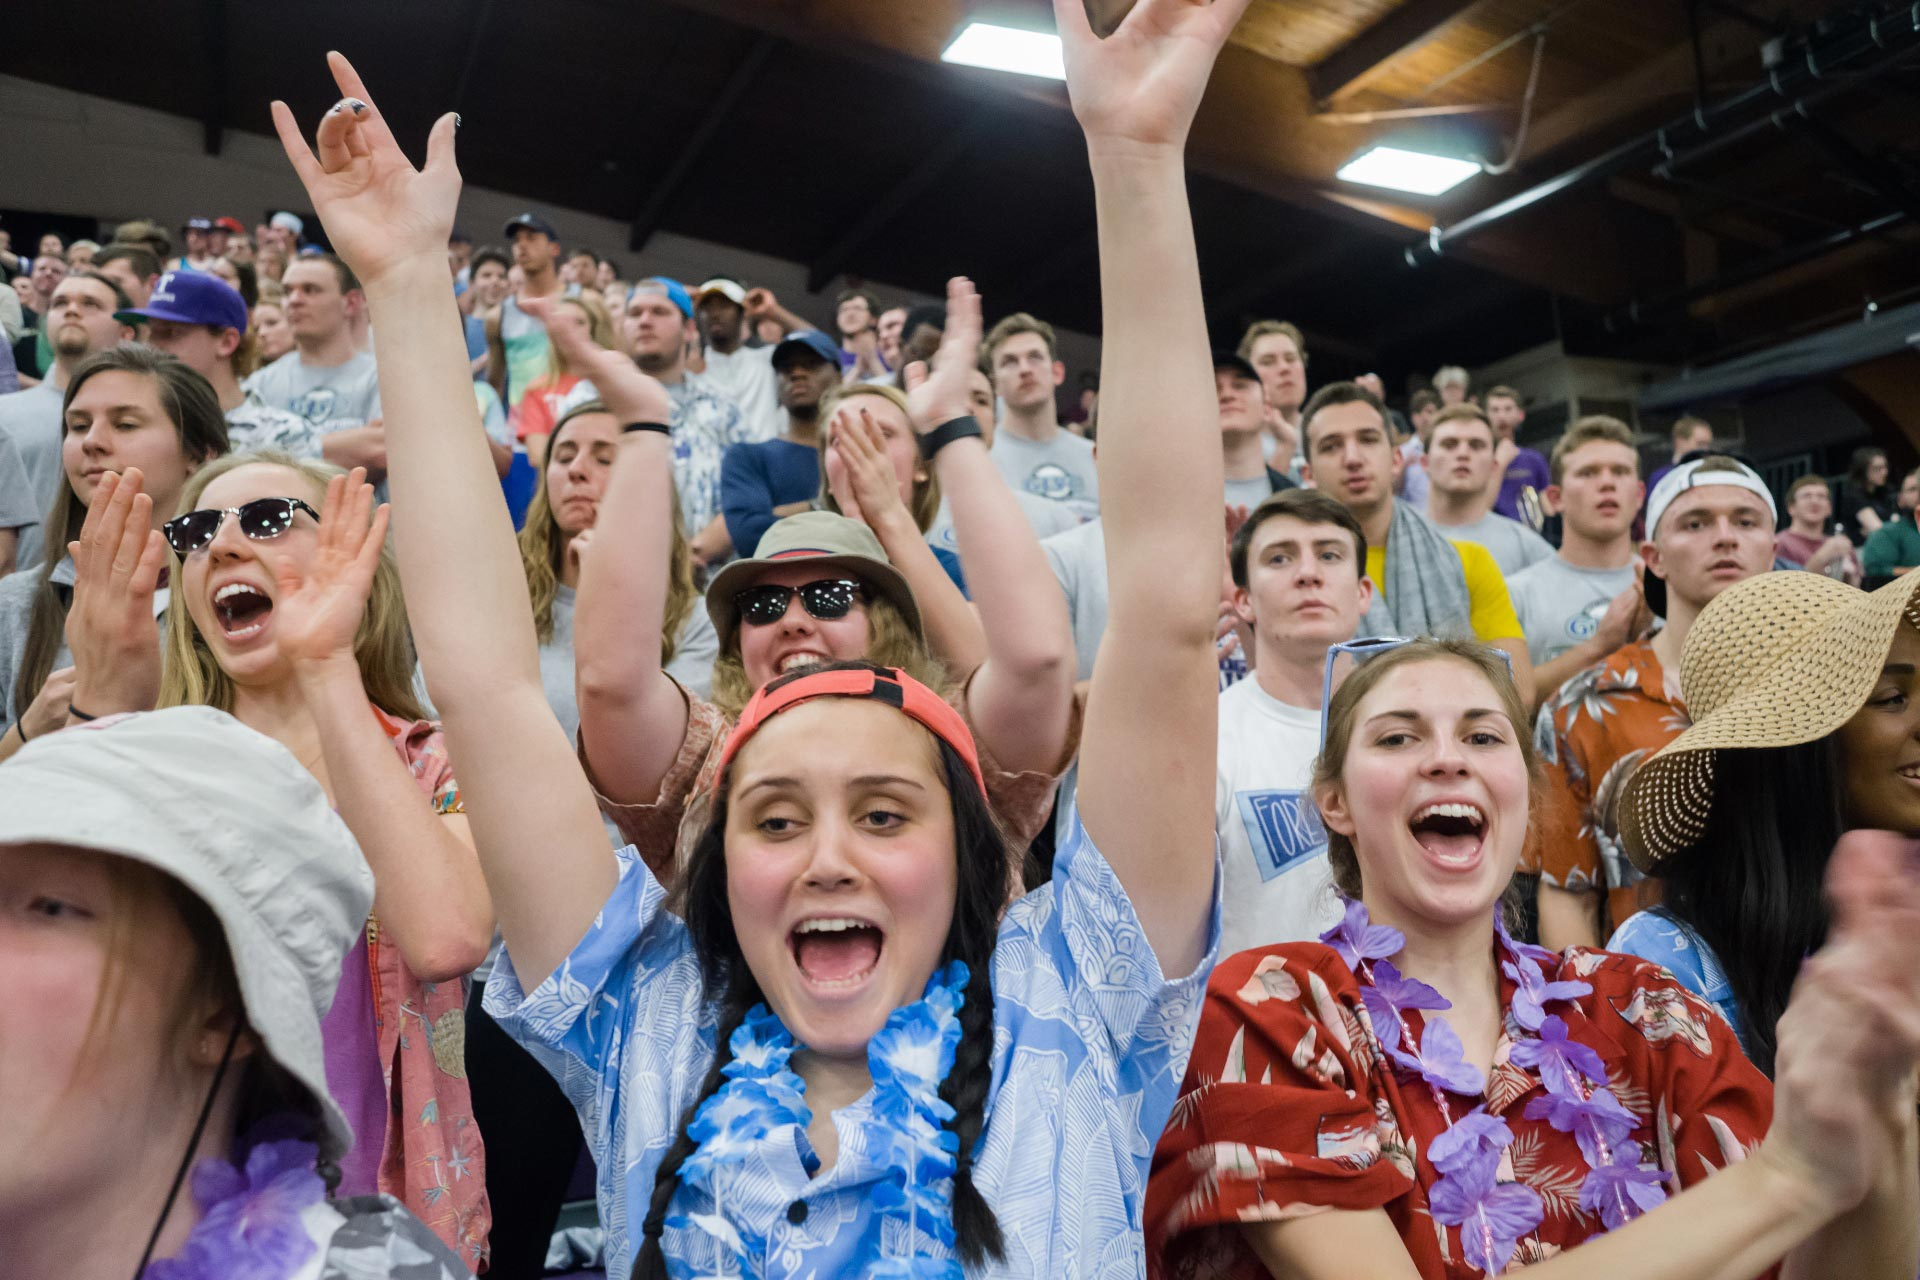 Students at ballgames